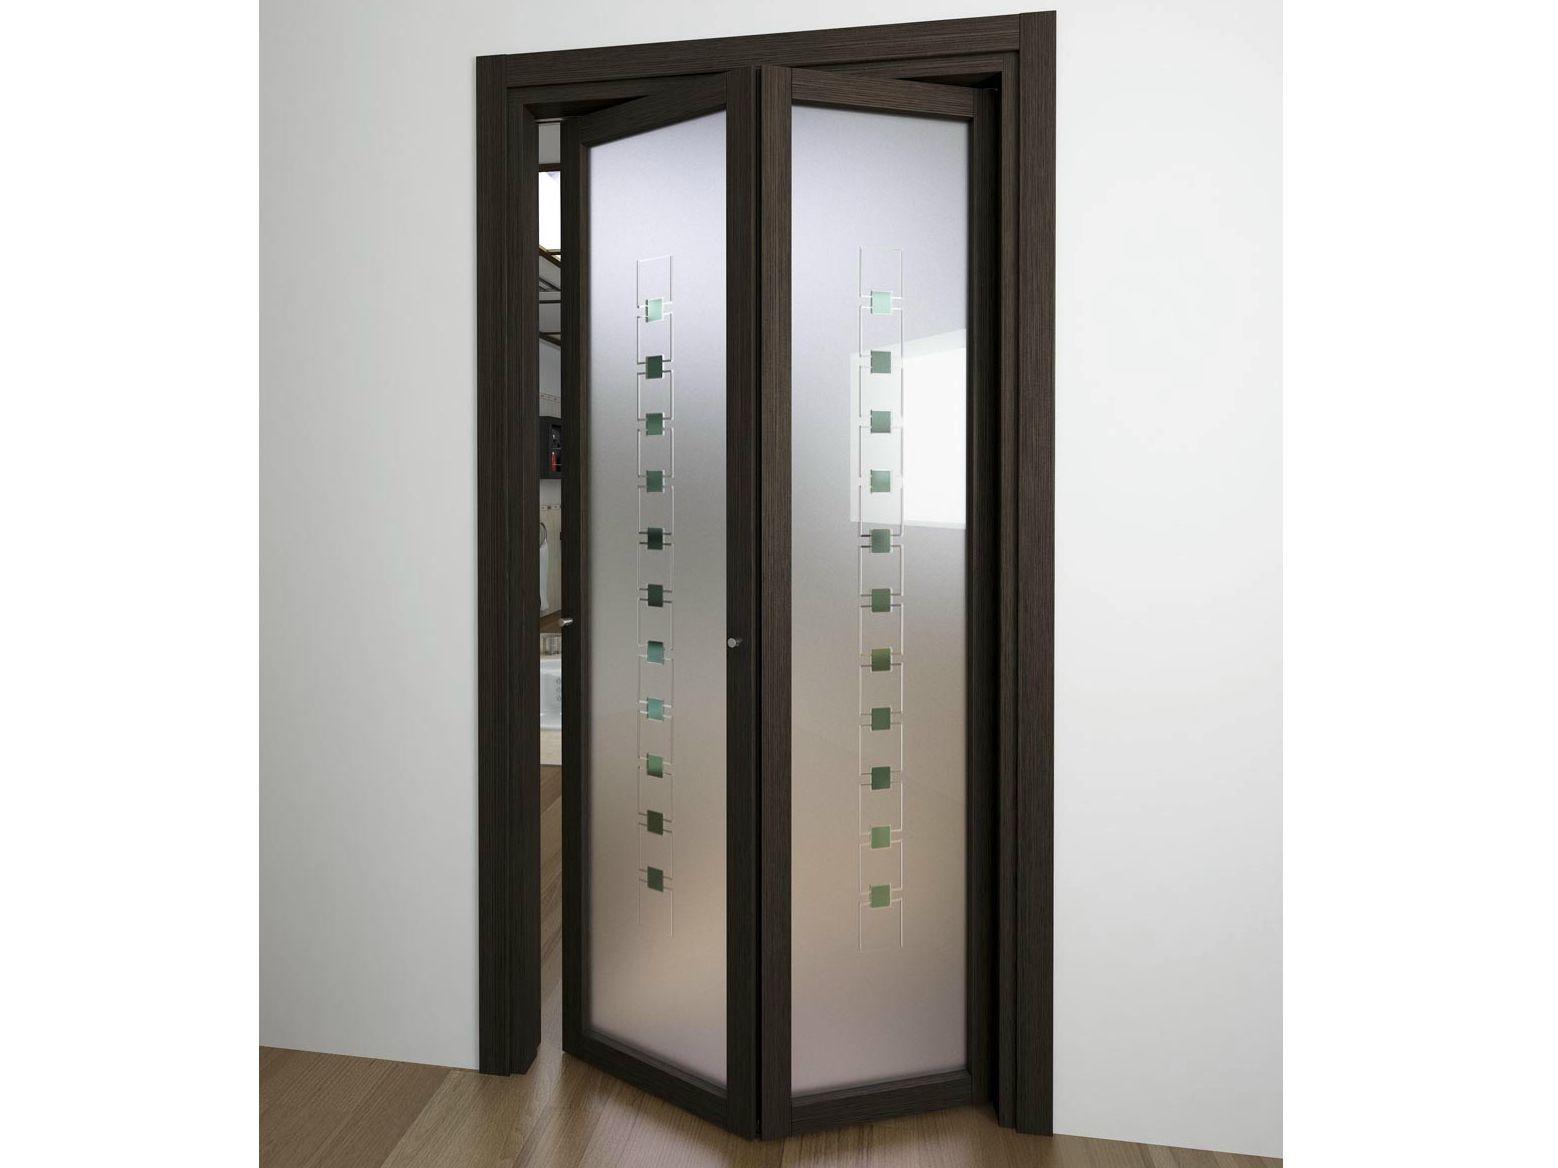 Ideas para hacer una puerta plegable 1 puertas for Ideas de puertas corredizas